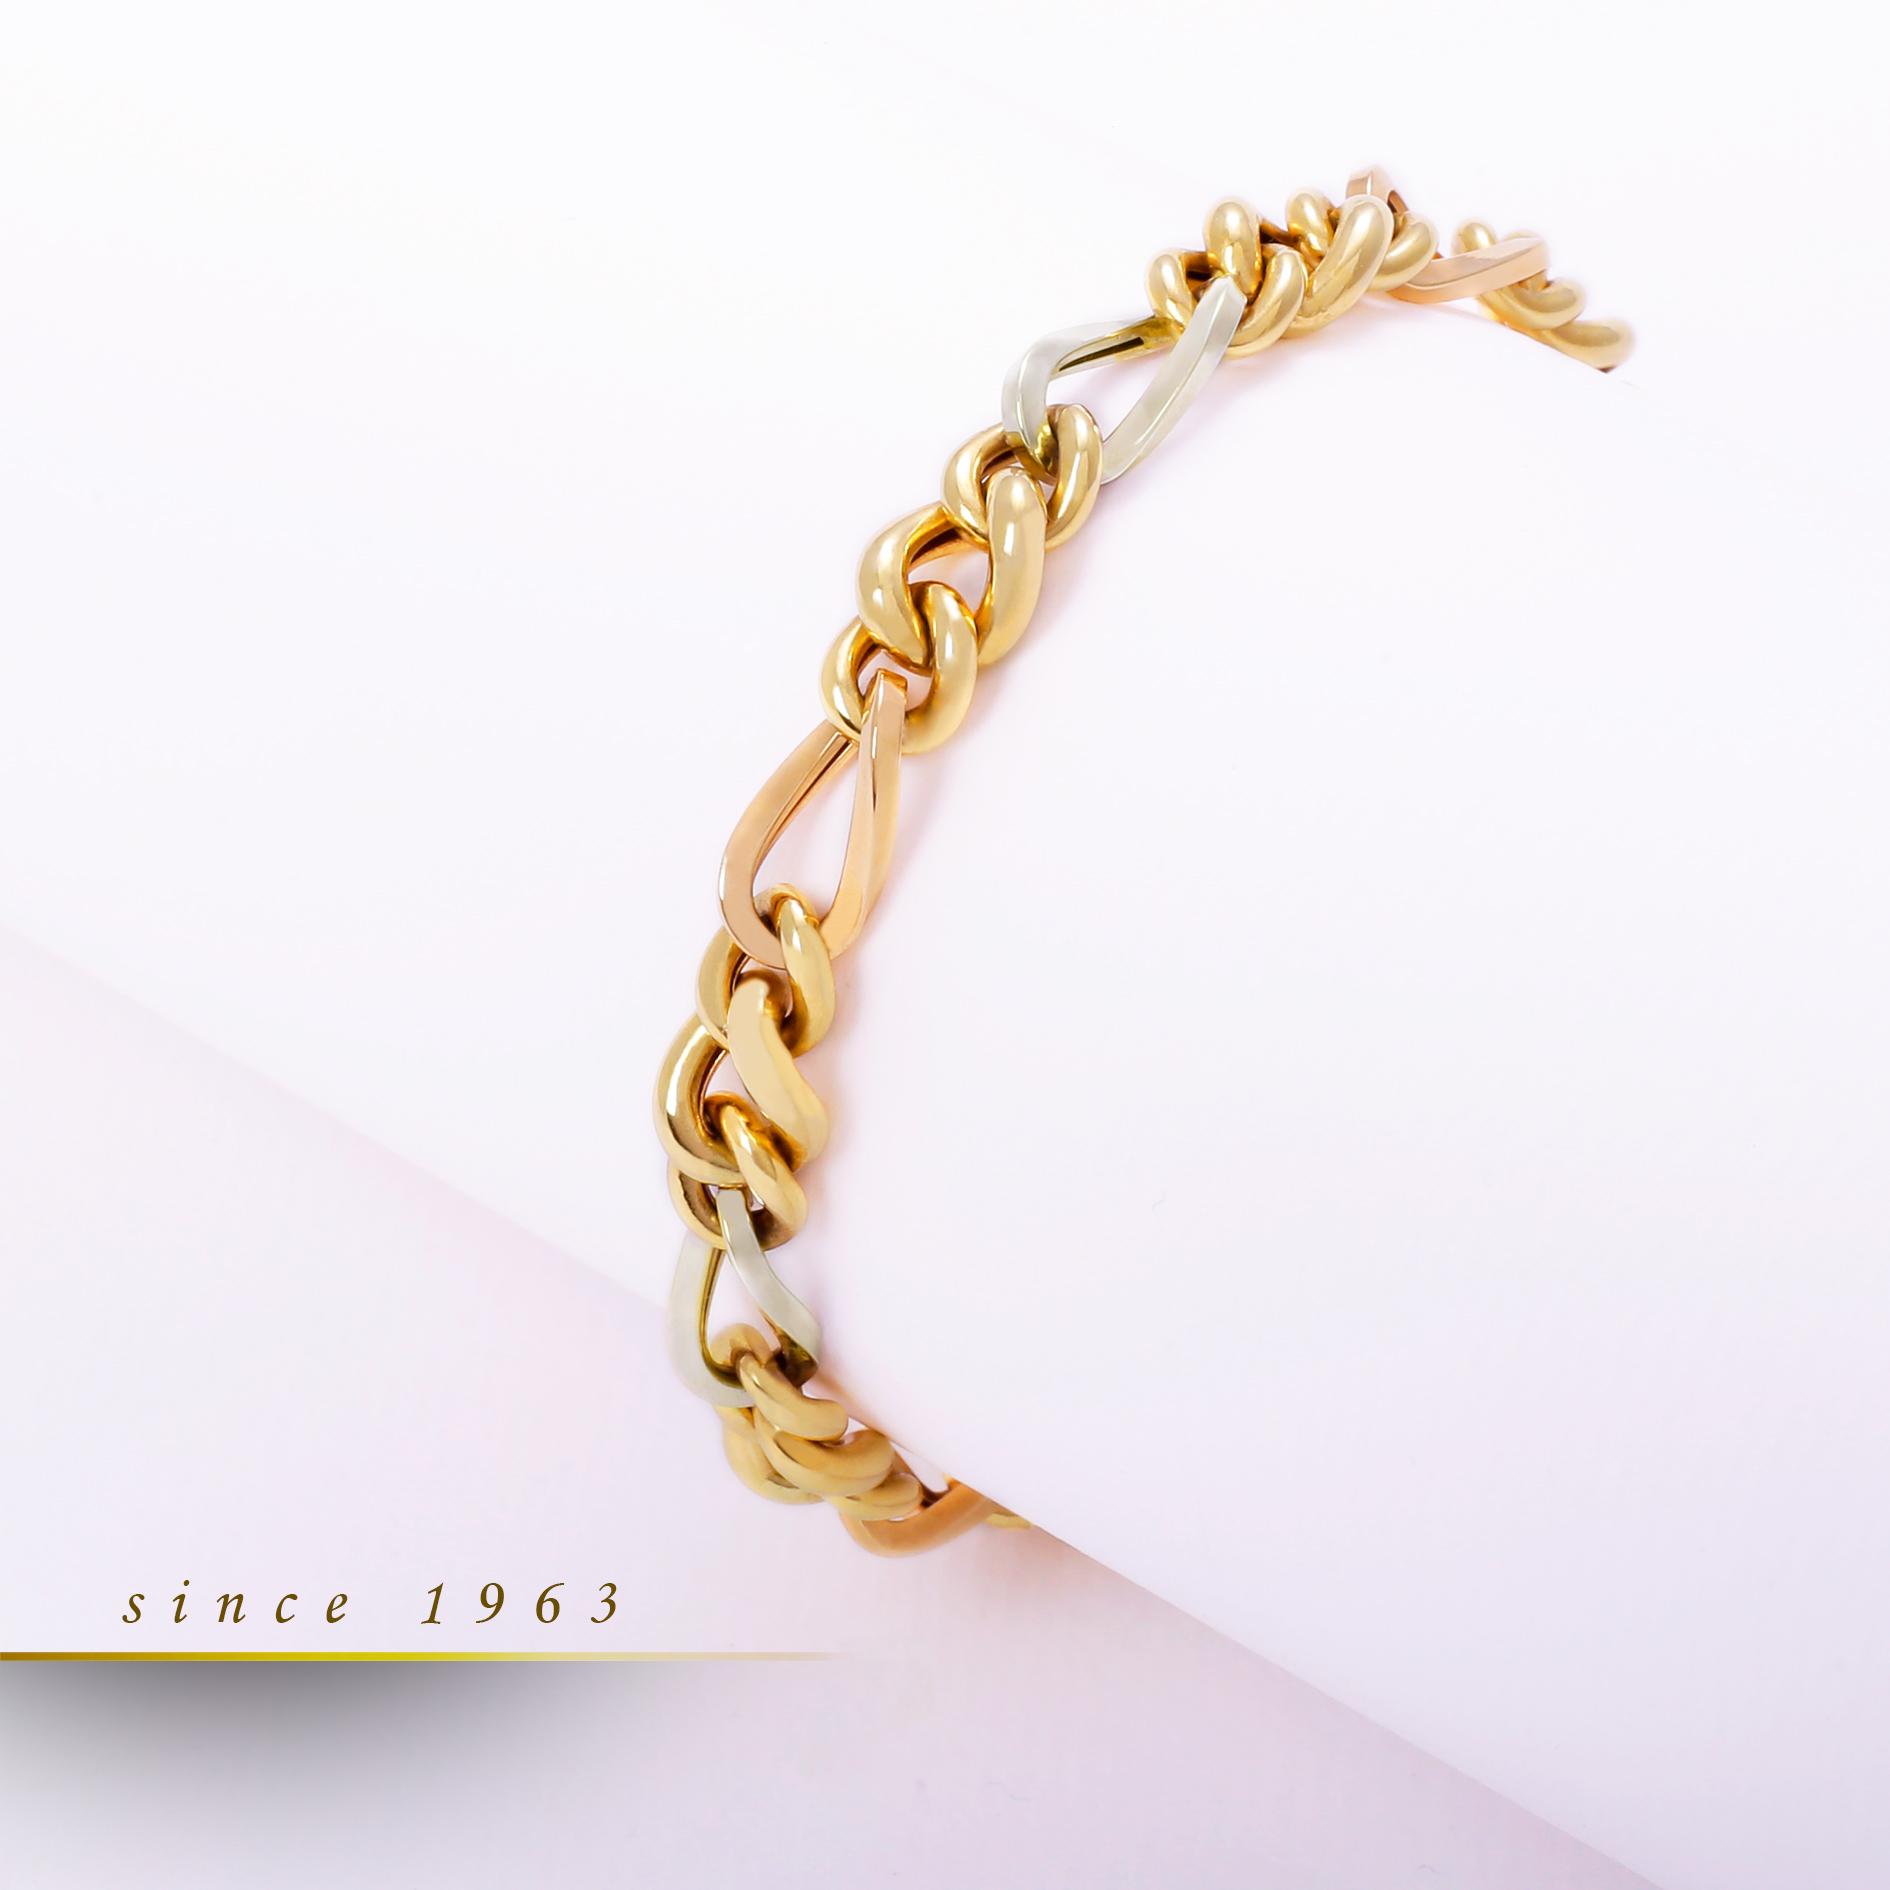 گالری ربیعی - خرید آنلاین طلا - خرید طلا لوکس -, , دستبند زنجیری کاتینا